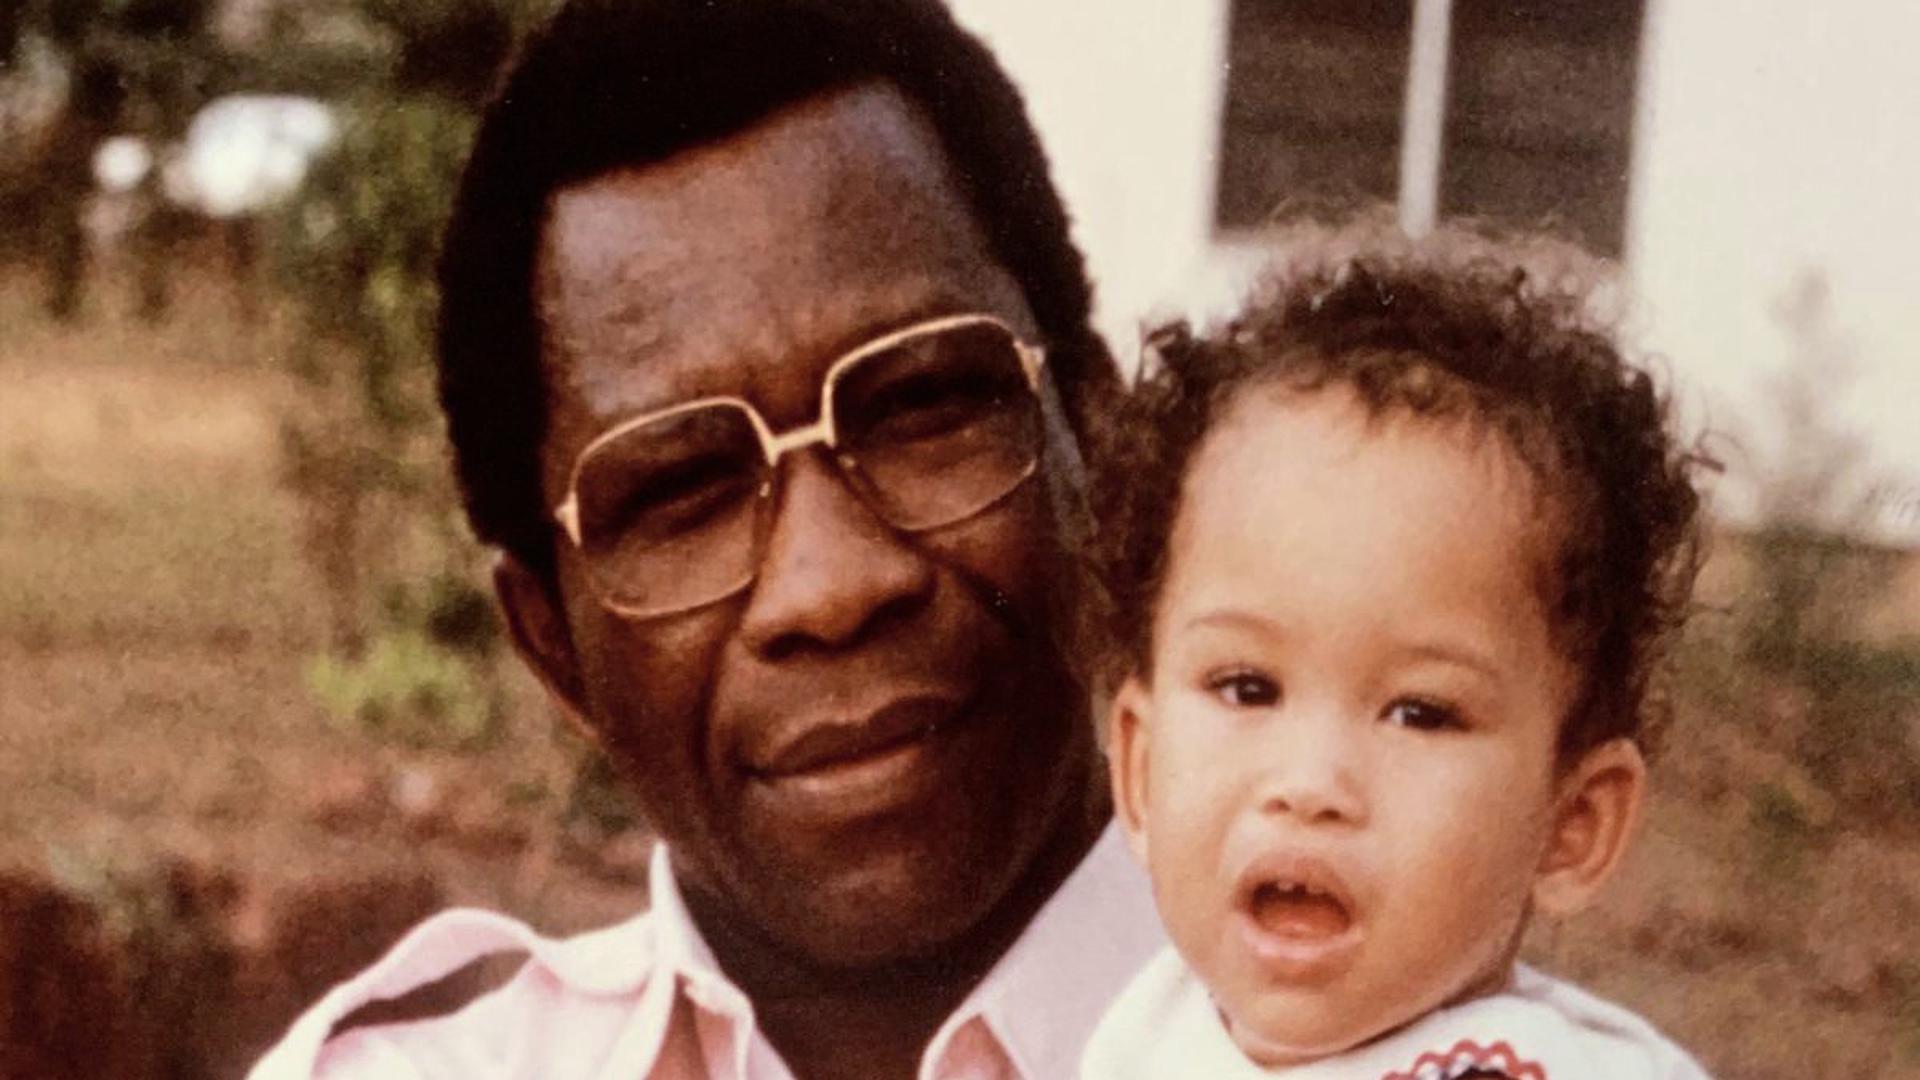 Astrids Vater stammt aus Nigeria. Auch potentielle Spender sollten westafrikanischer Herkunft sein.